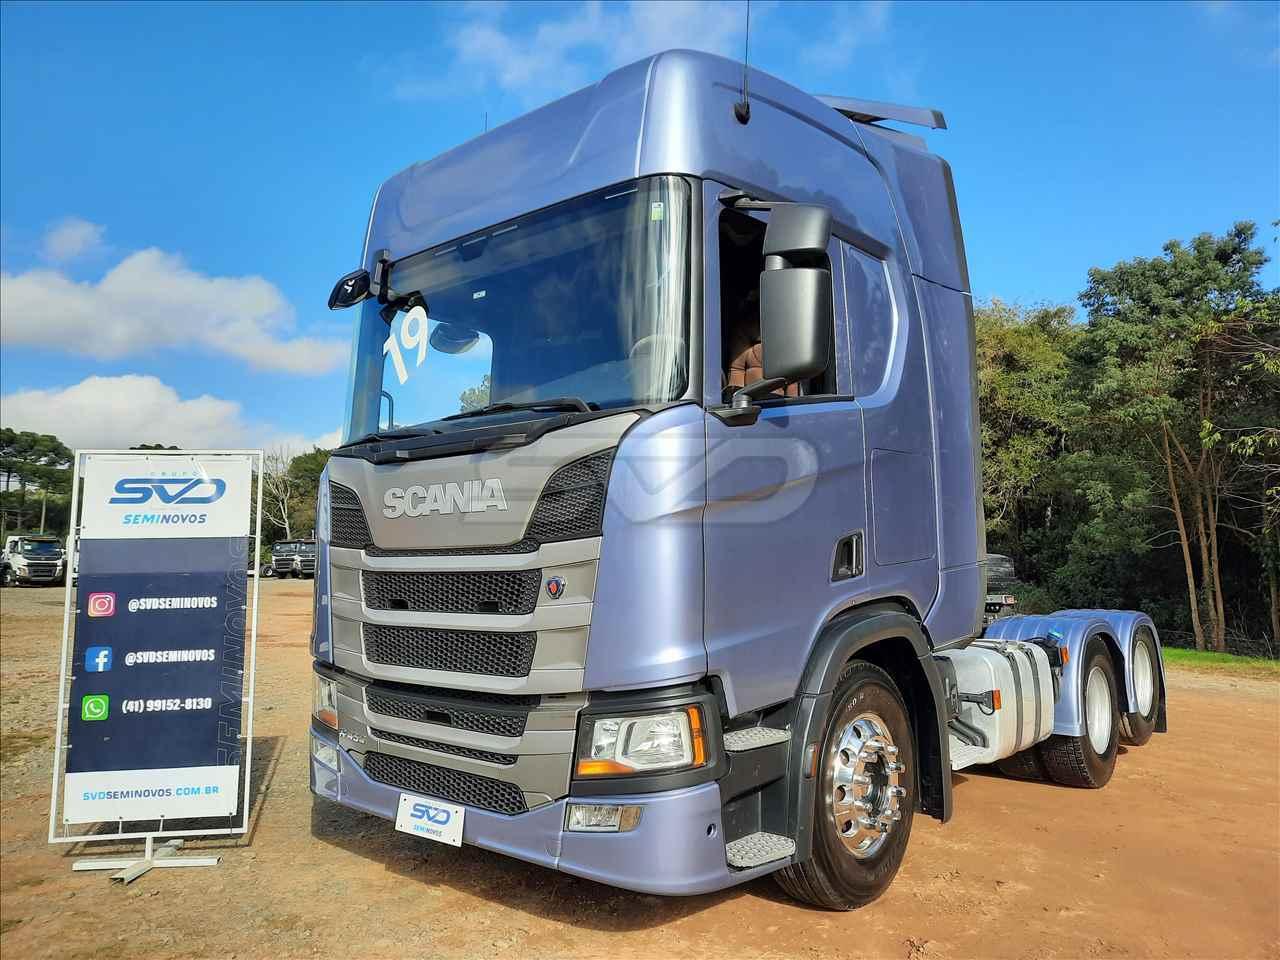 CAMINHAO SCANIA SCANIA 450 Cavalo Mecânico Truck 6x2 SVD Seminovos CURITIBA PARANÁ PR